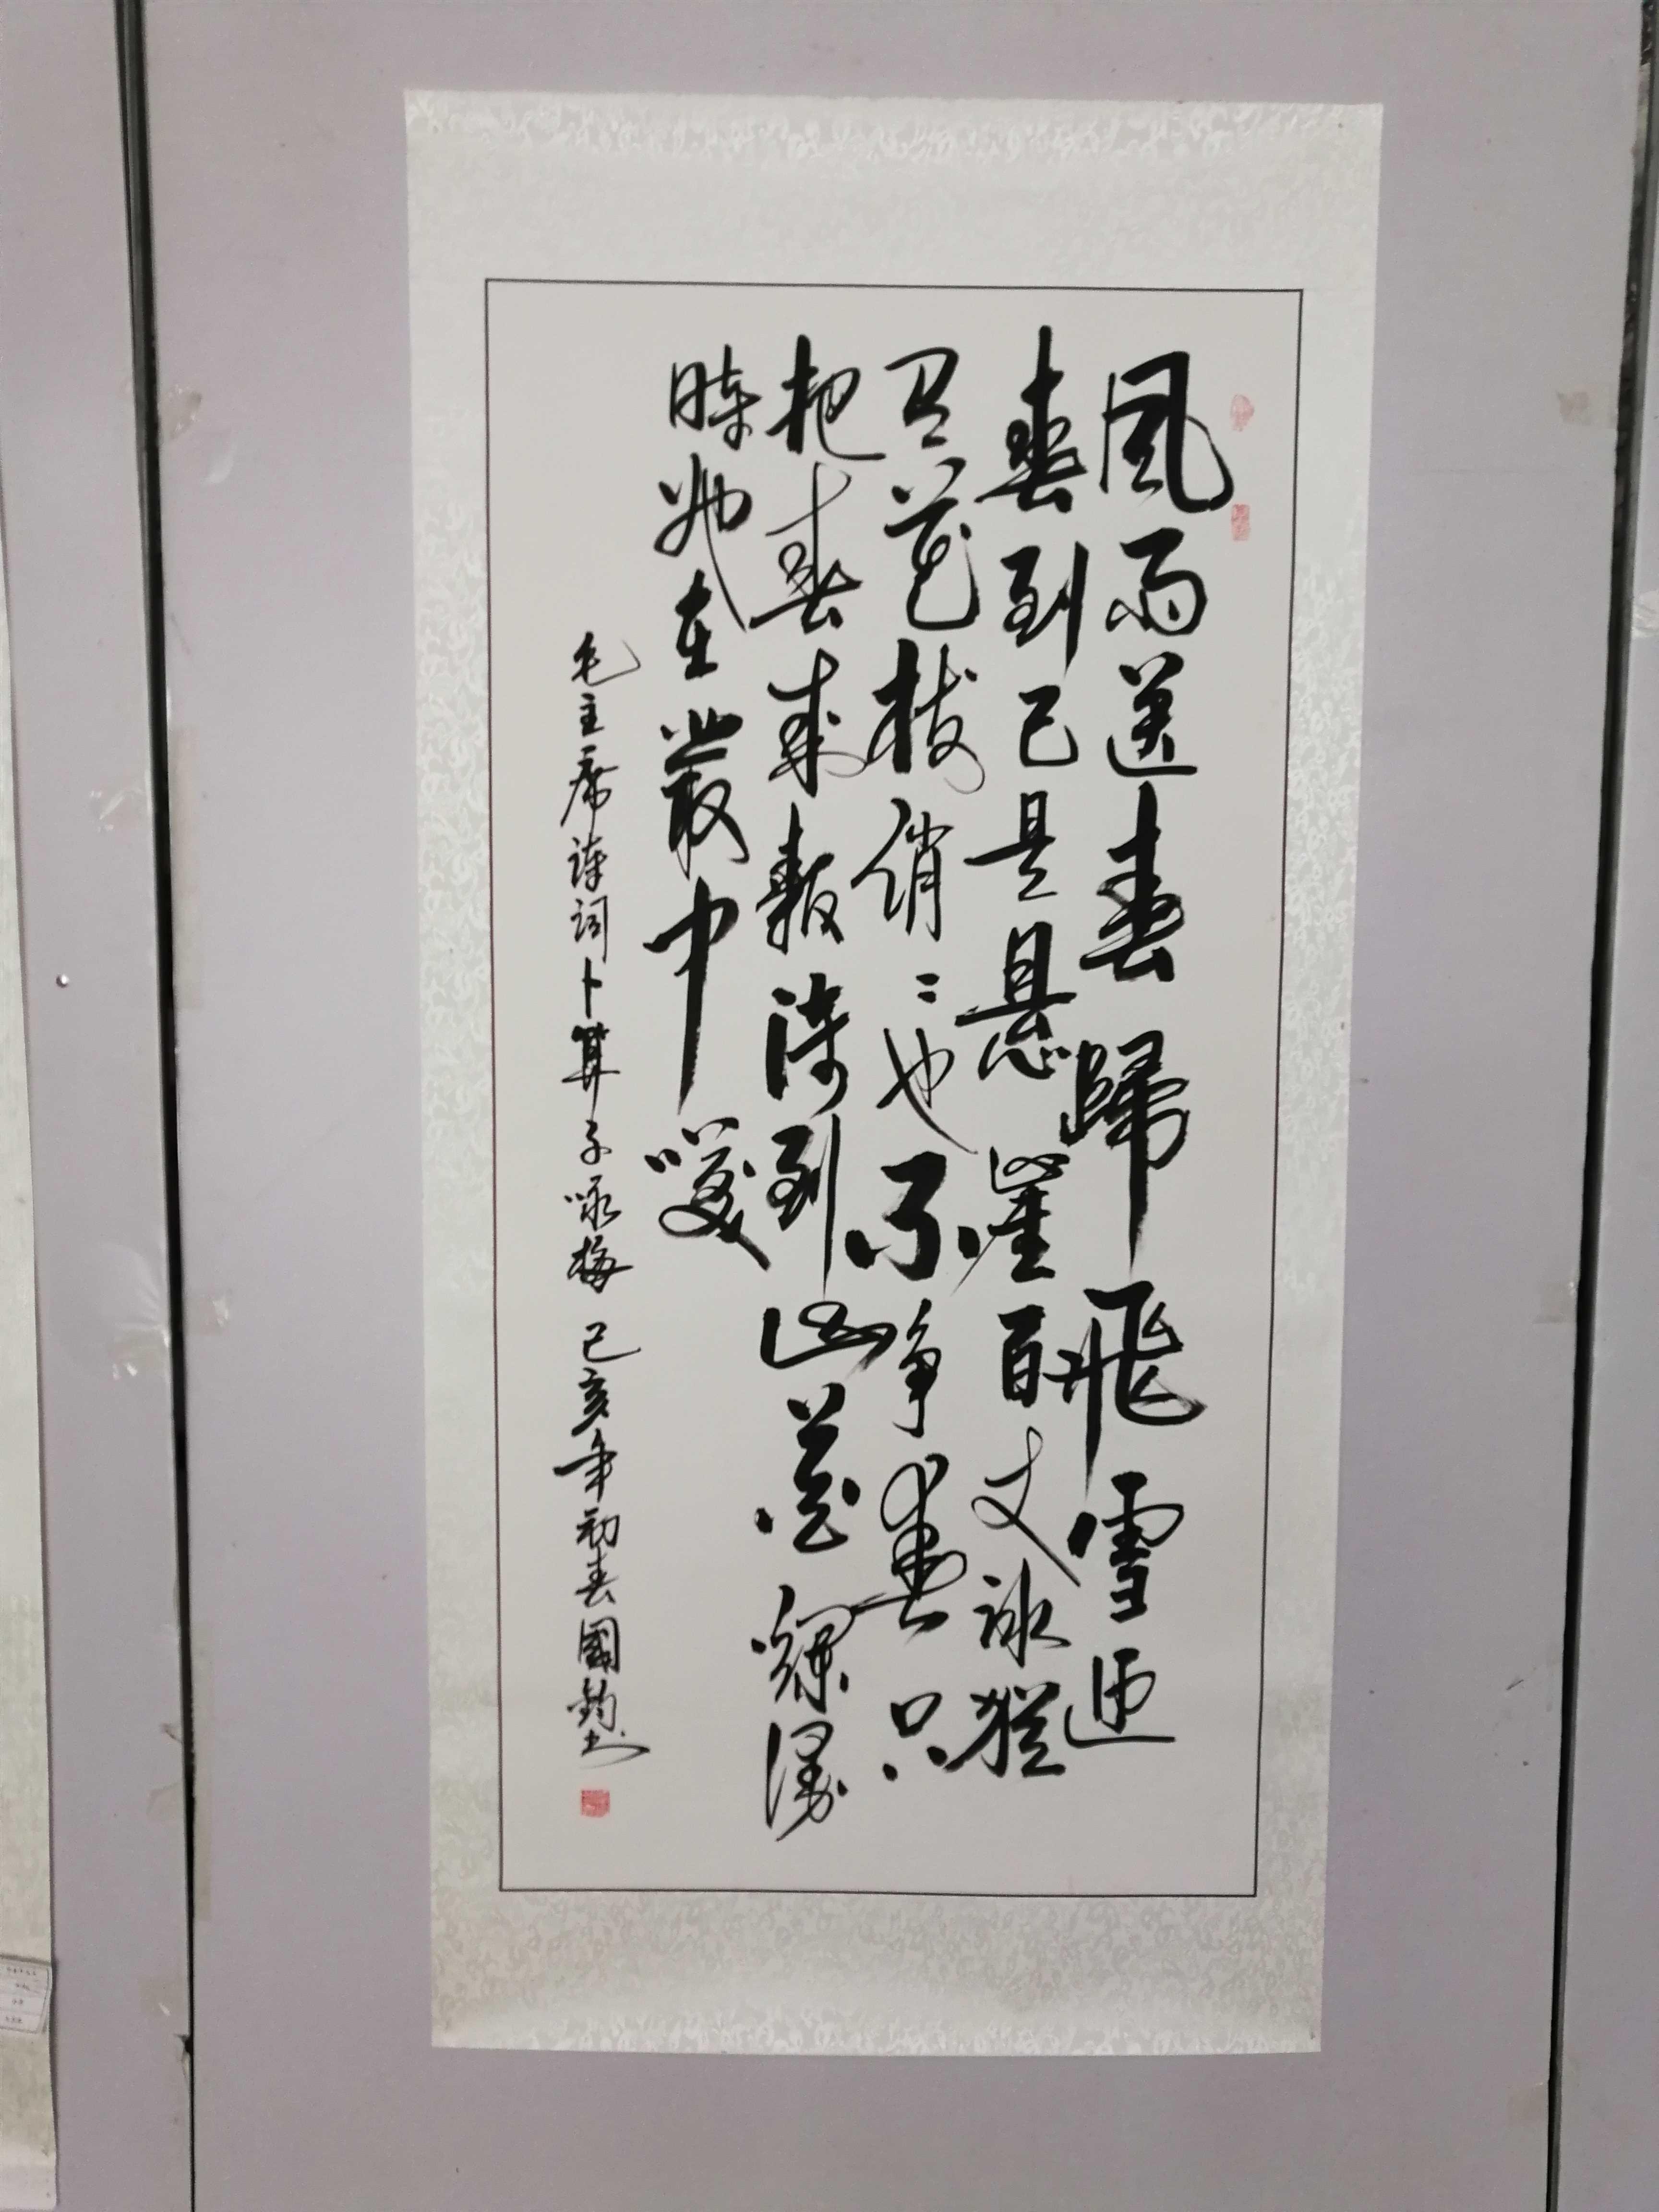 十一字画展-1110434407